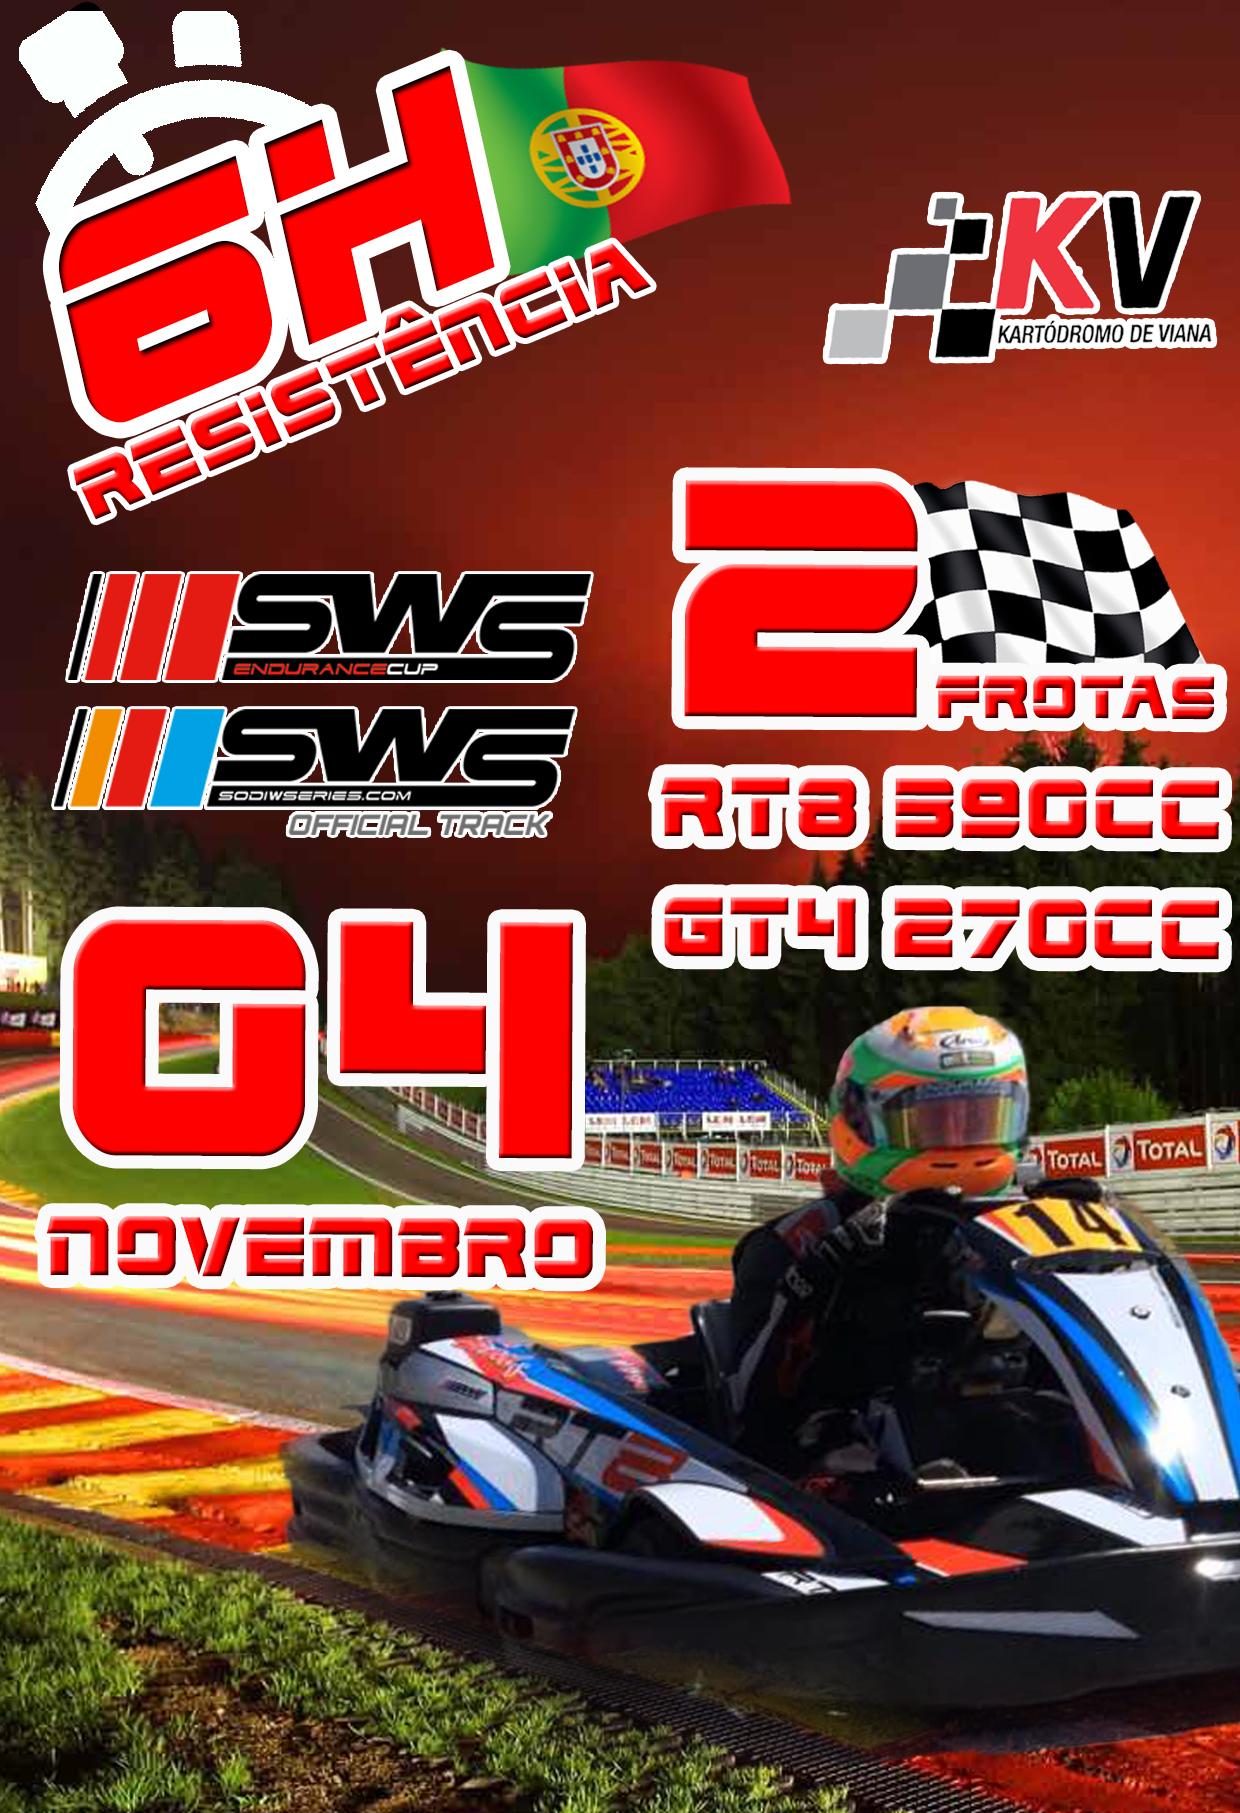 6H de Karting ENI Kartodromo de Viana